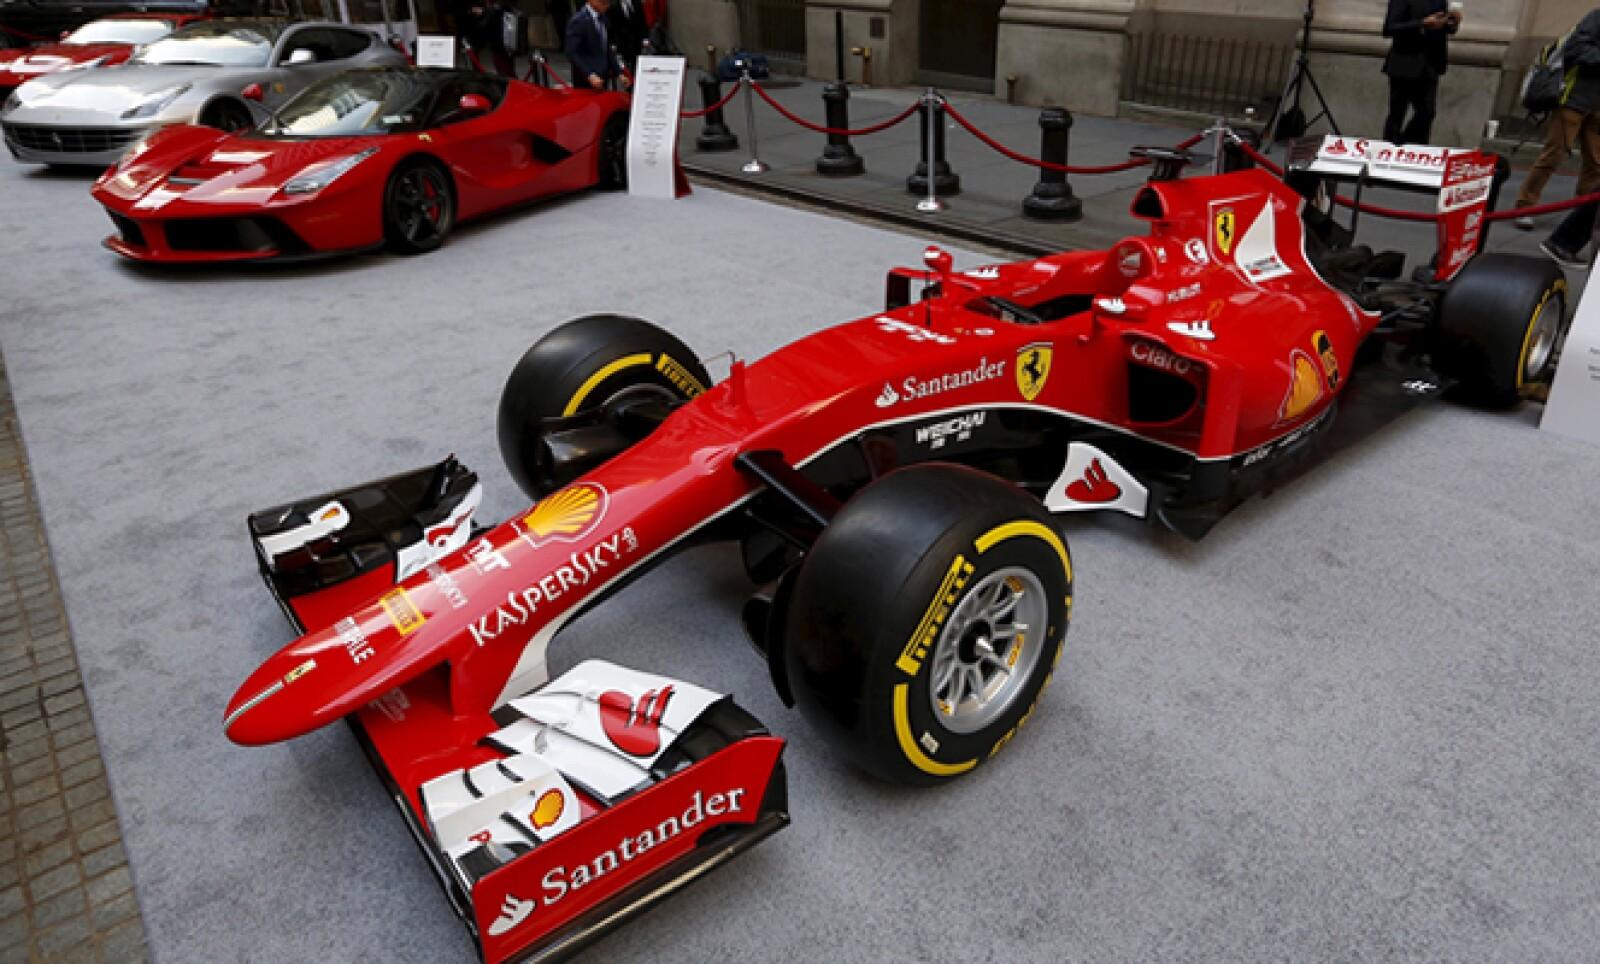 La firma italiana también mostró su fuerza automotriz para carreras.